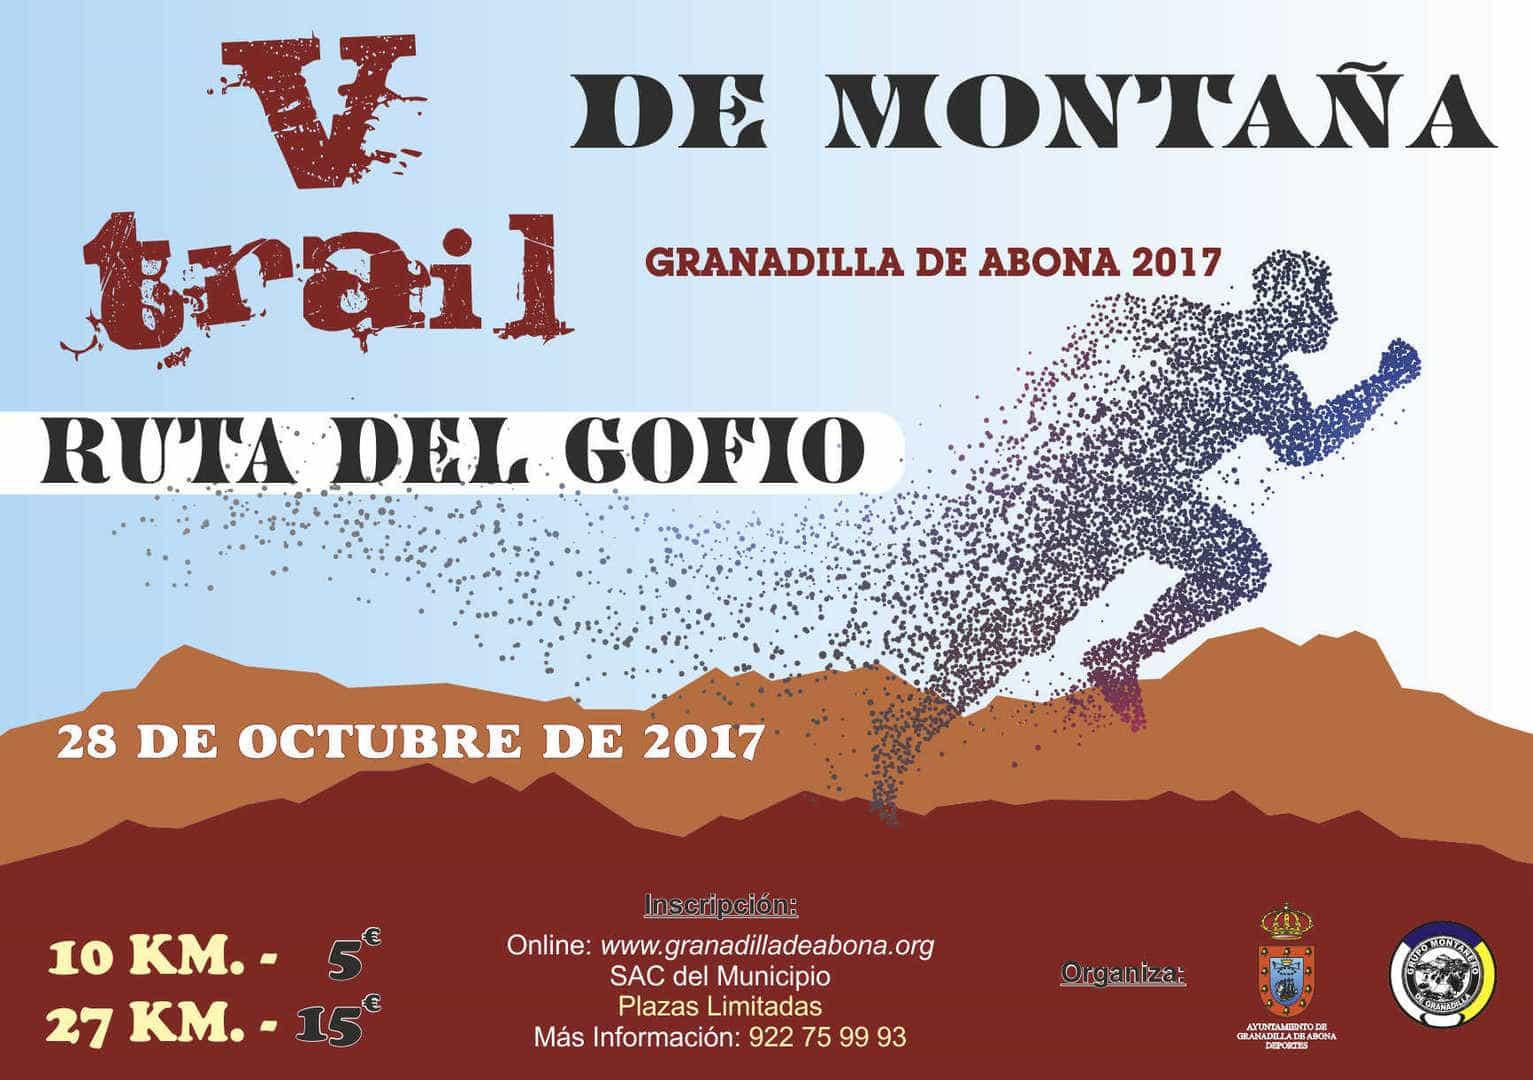 La 'Semana de la Montaña', del 28 de octubre al 5 de noviembre